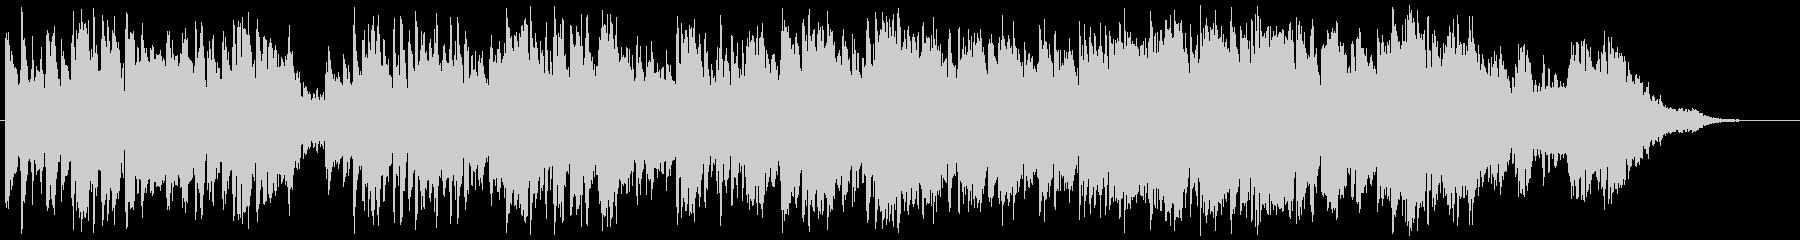 鍵盤ハモニカ・Flute等のバラードの未再生の波形